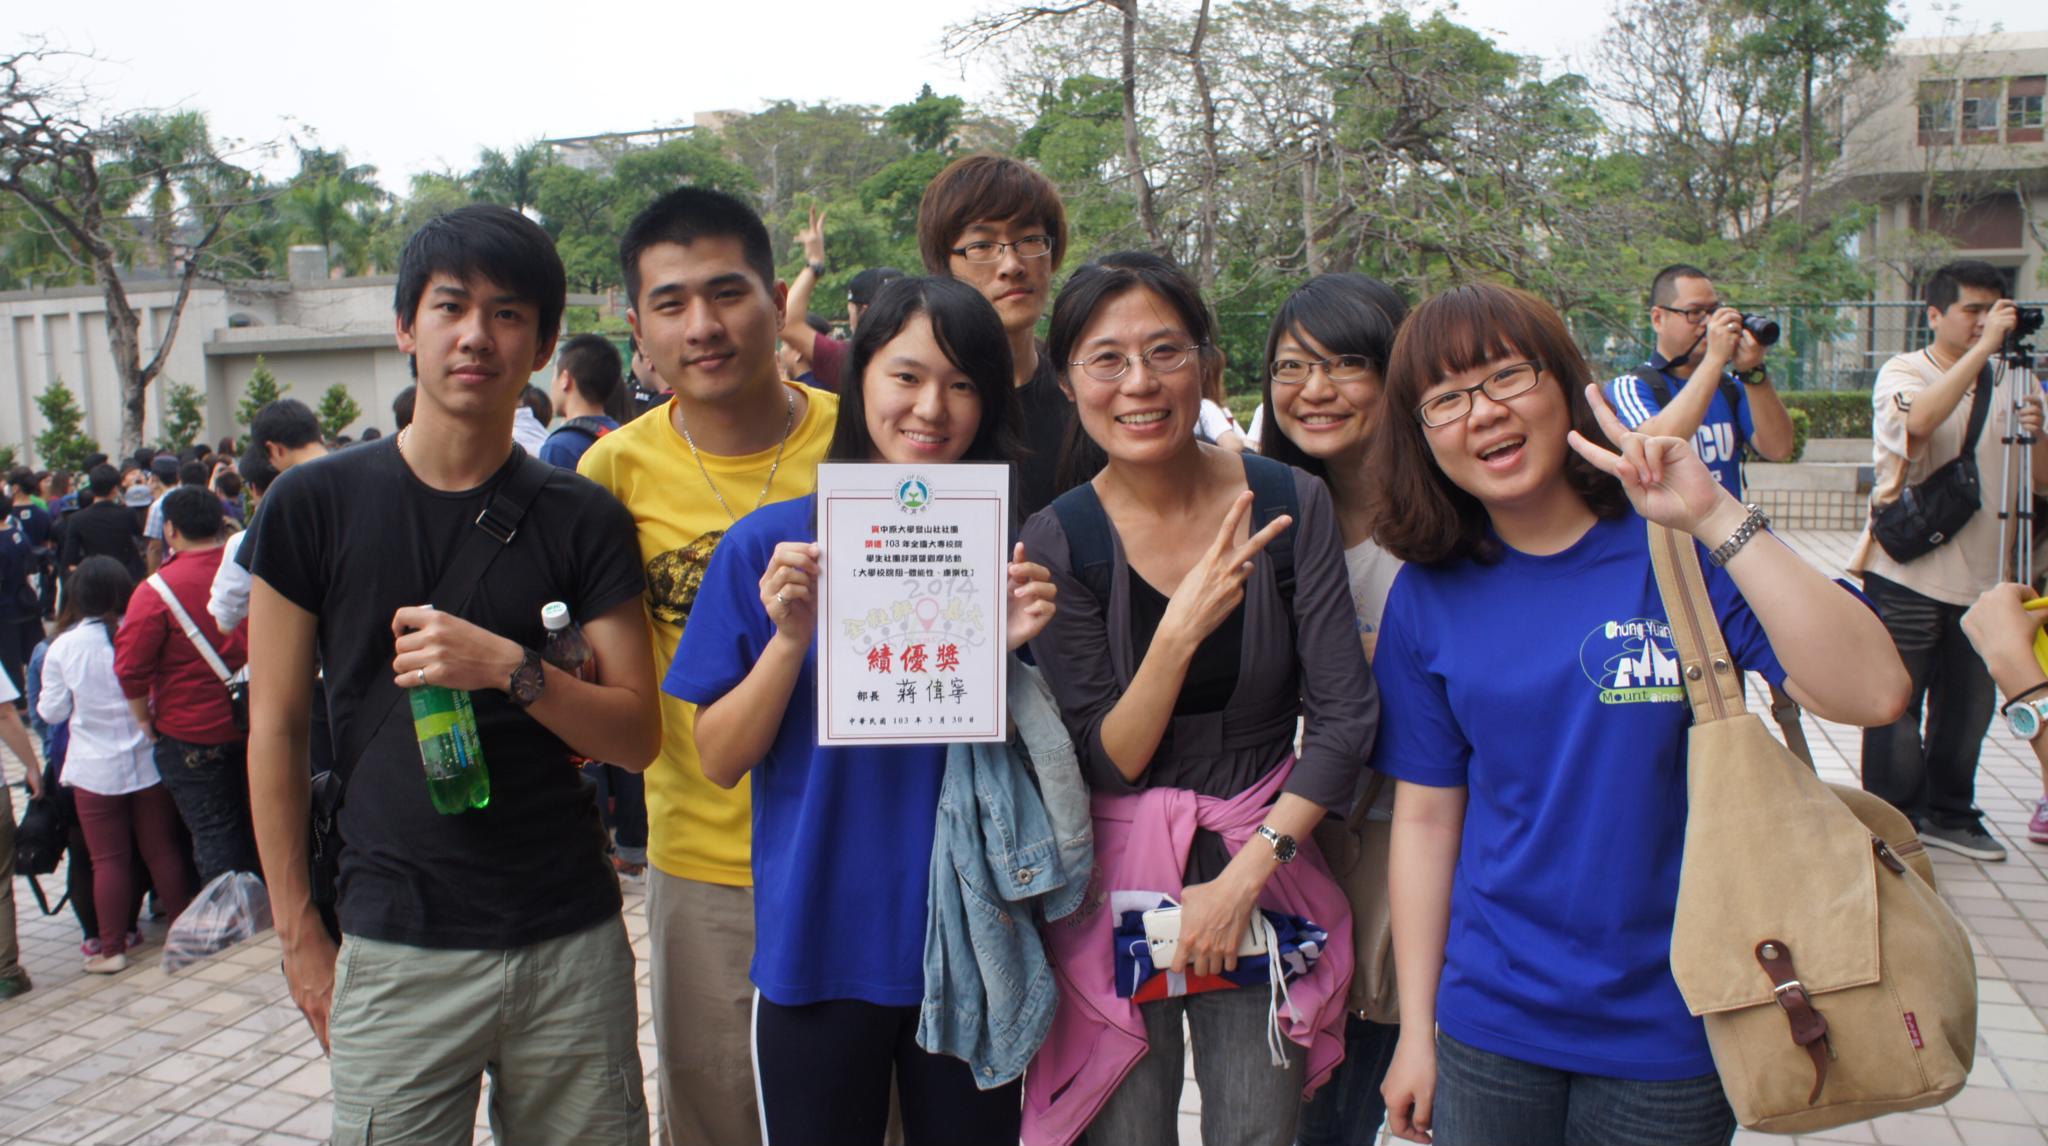 中原學生社團表現亮眼  參加教育部全國競賽及評鑑屢獲佳績